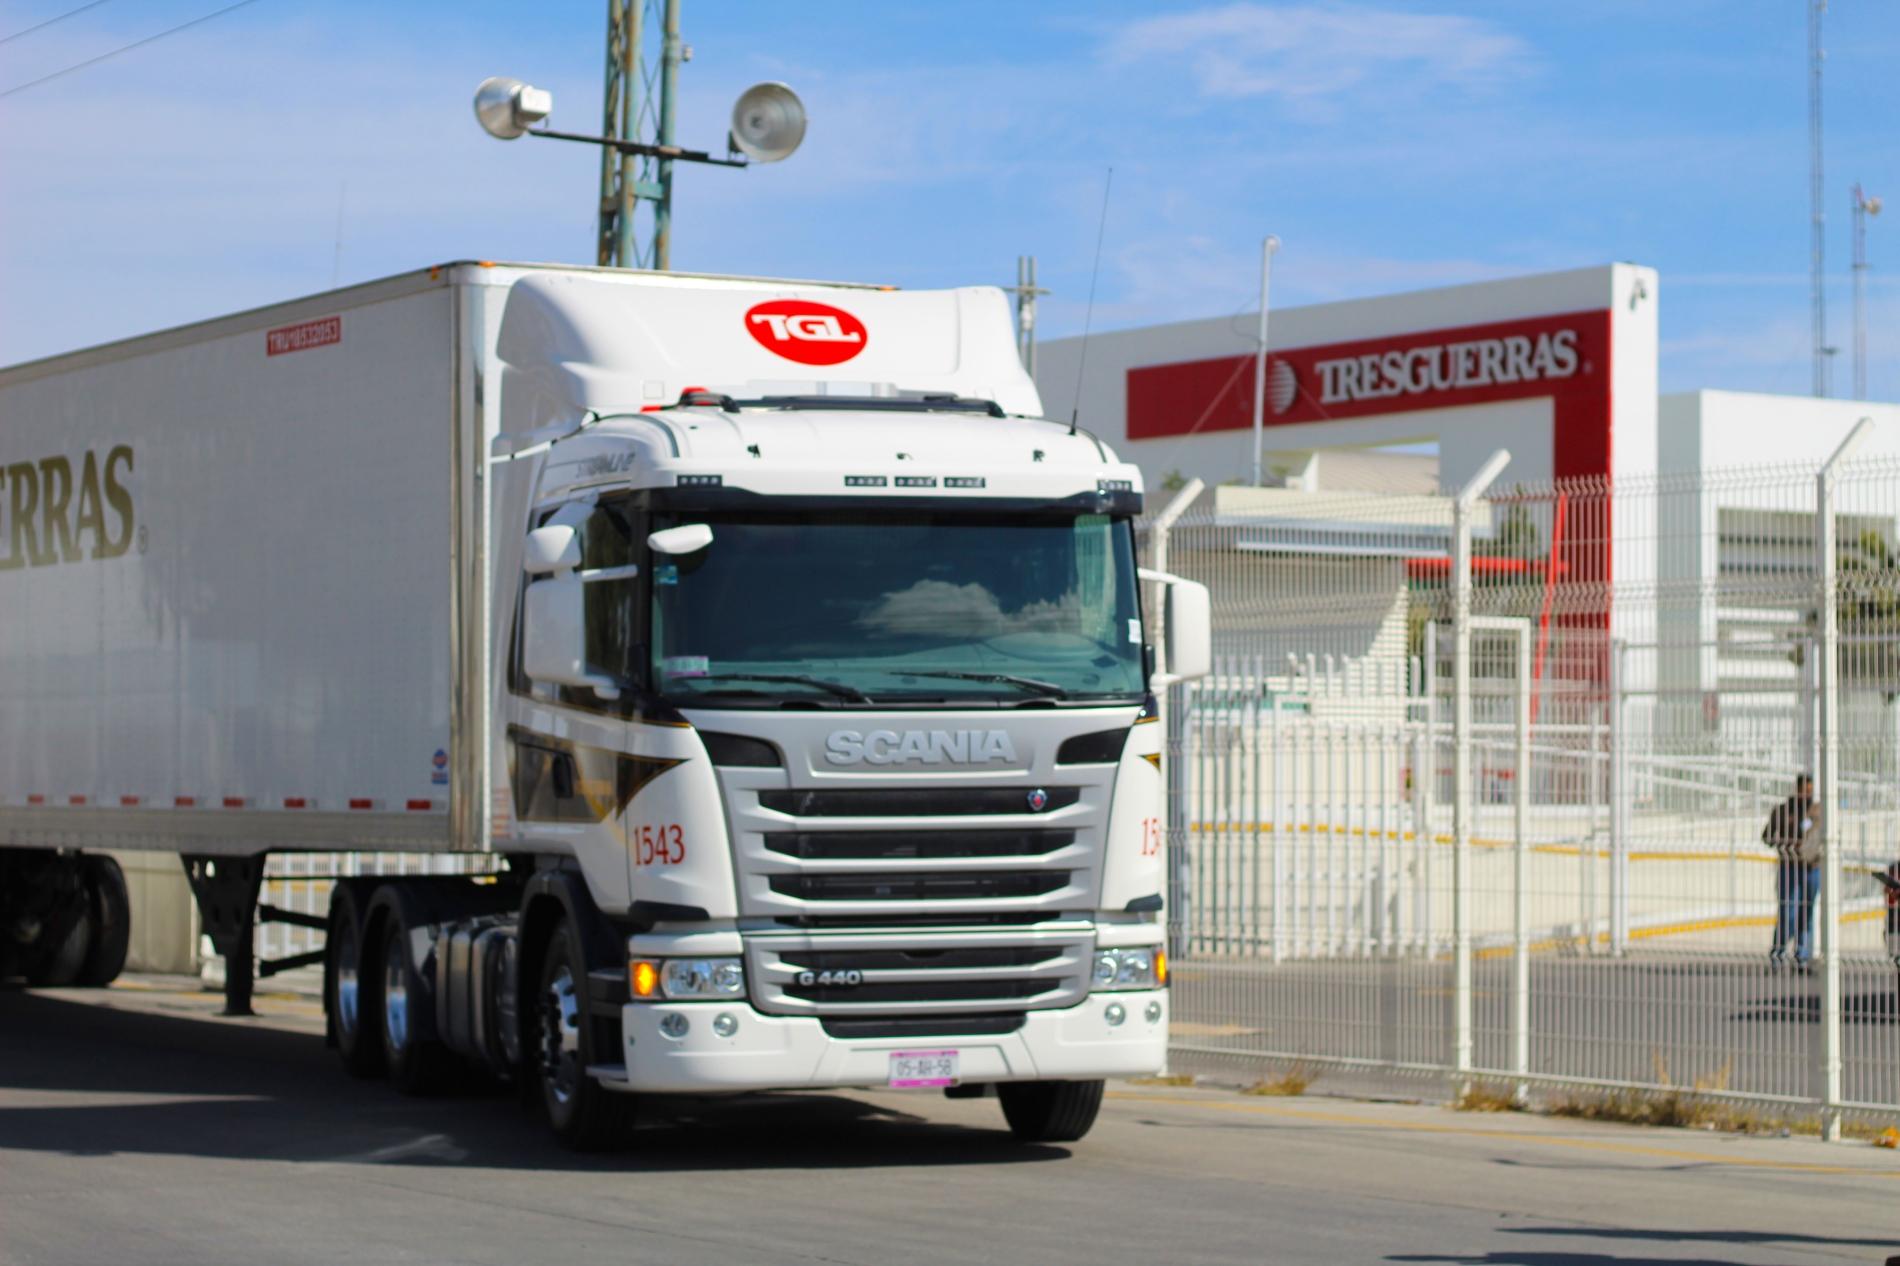 Autotransportes de Carga Tresguerras renueva vínculos con Scania